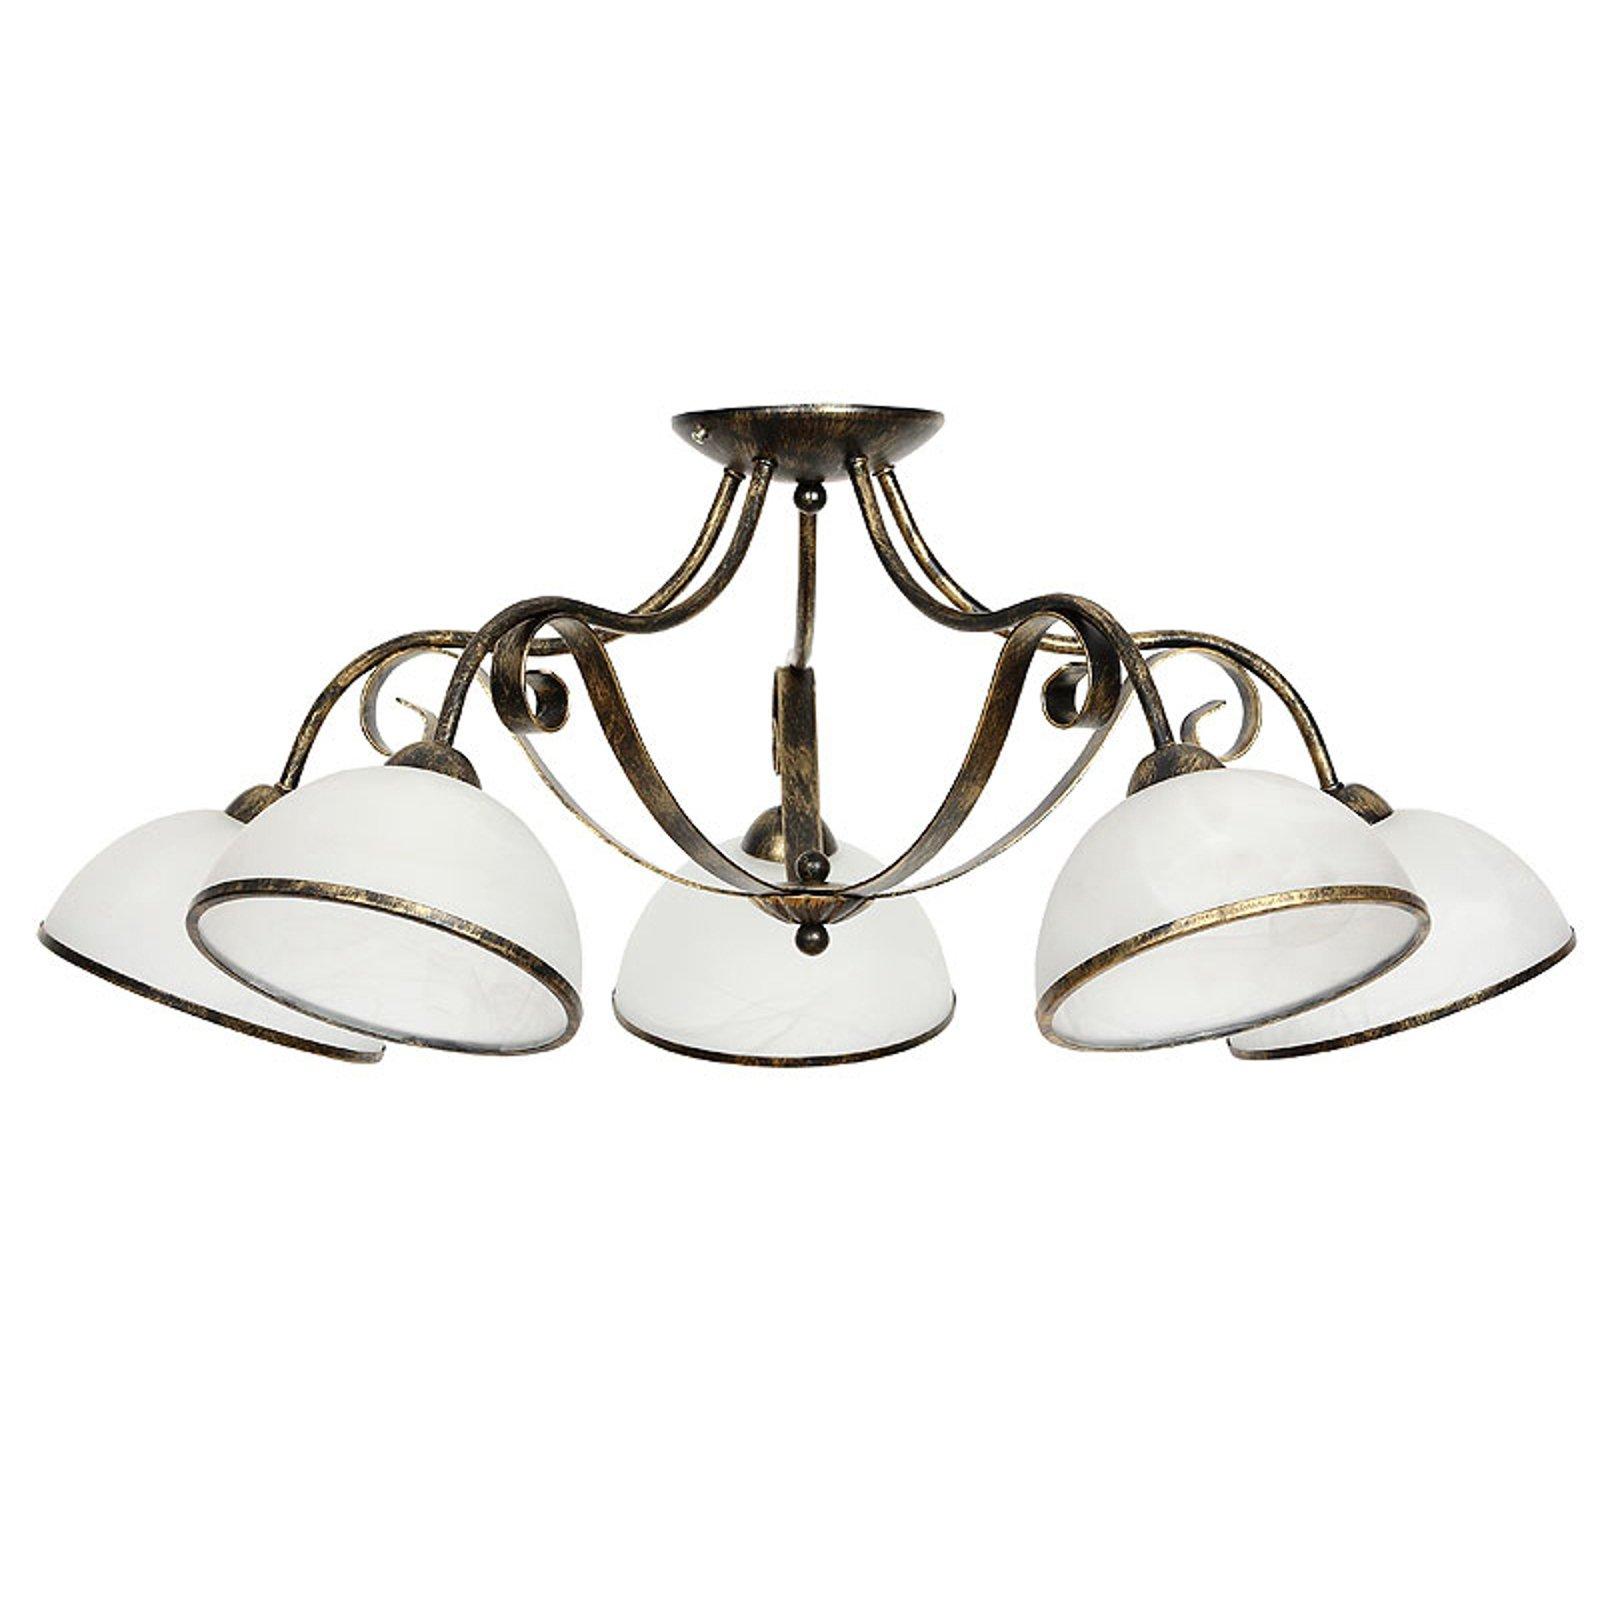 Antica taklampe i landsted-stil, 5 lyskilder